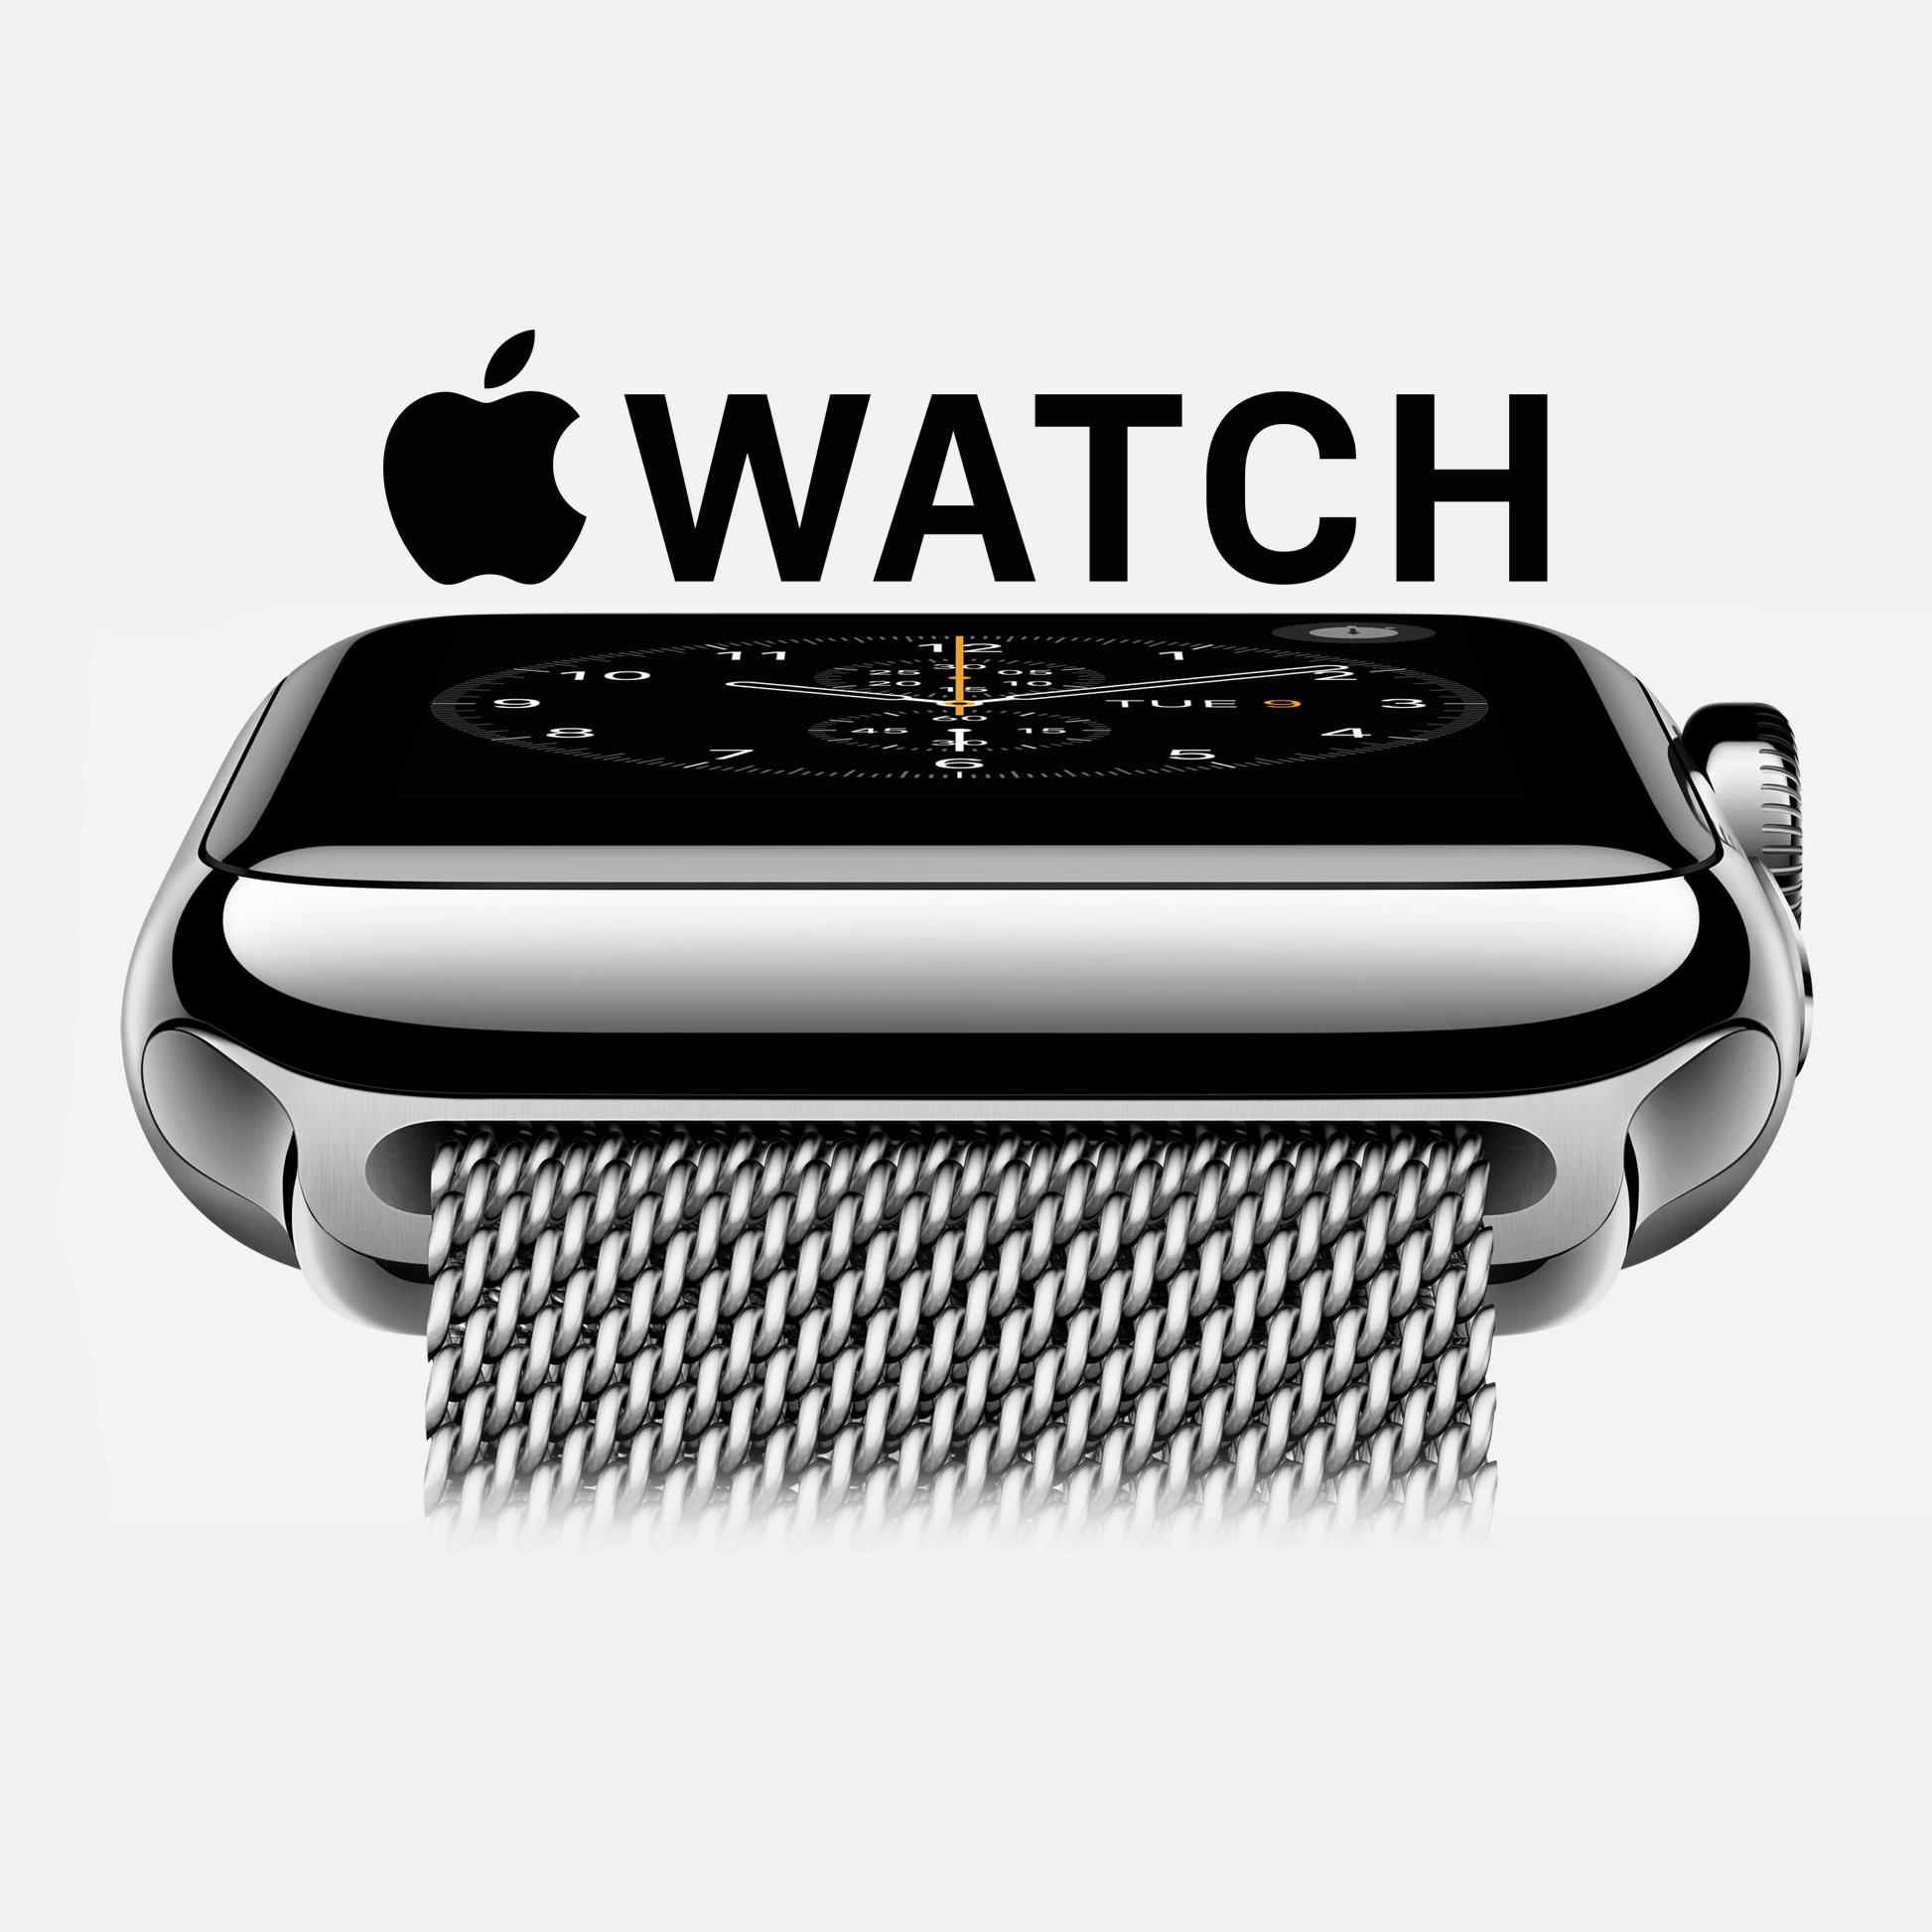 Apple Watch w Polsce, cena i data sprzedaży już znane!